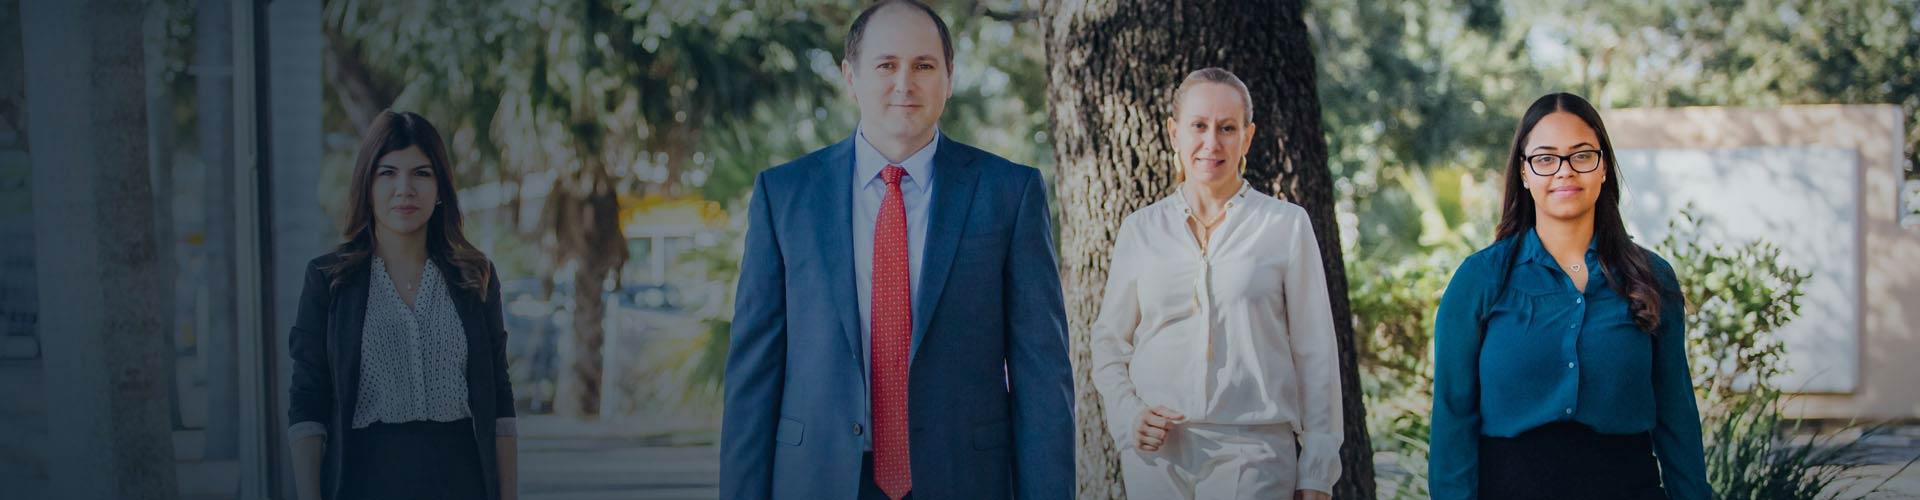 Miami Foreclosure Defense Attorneys - Stiberman Law Firm